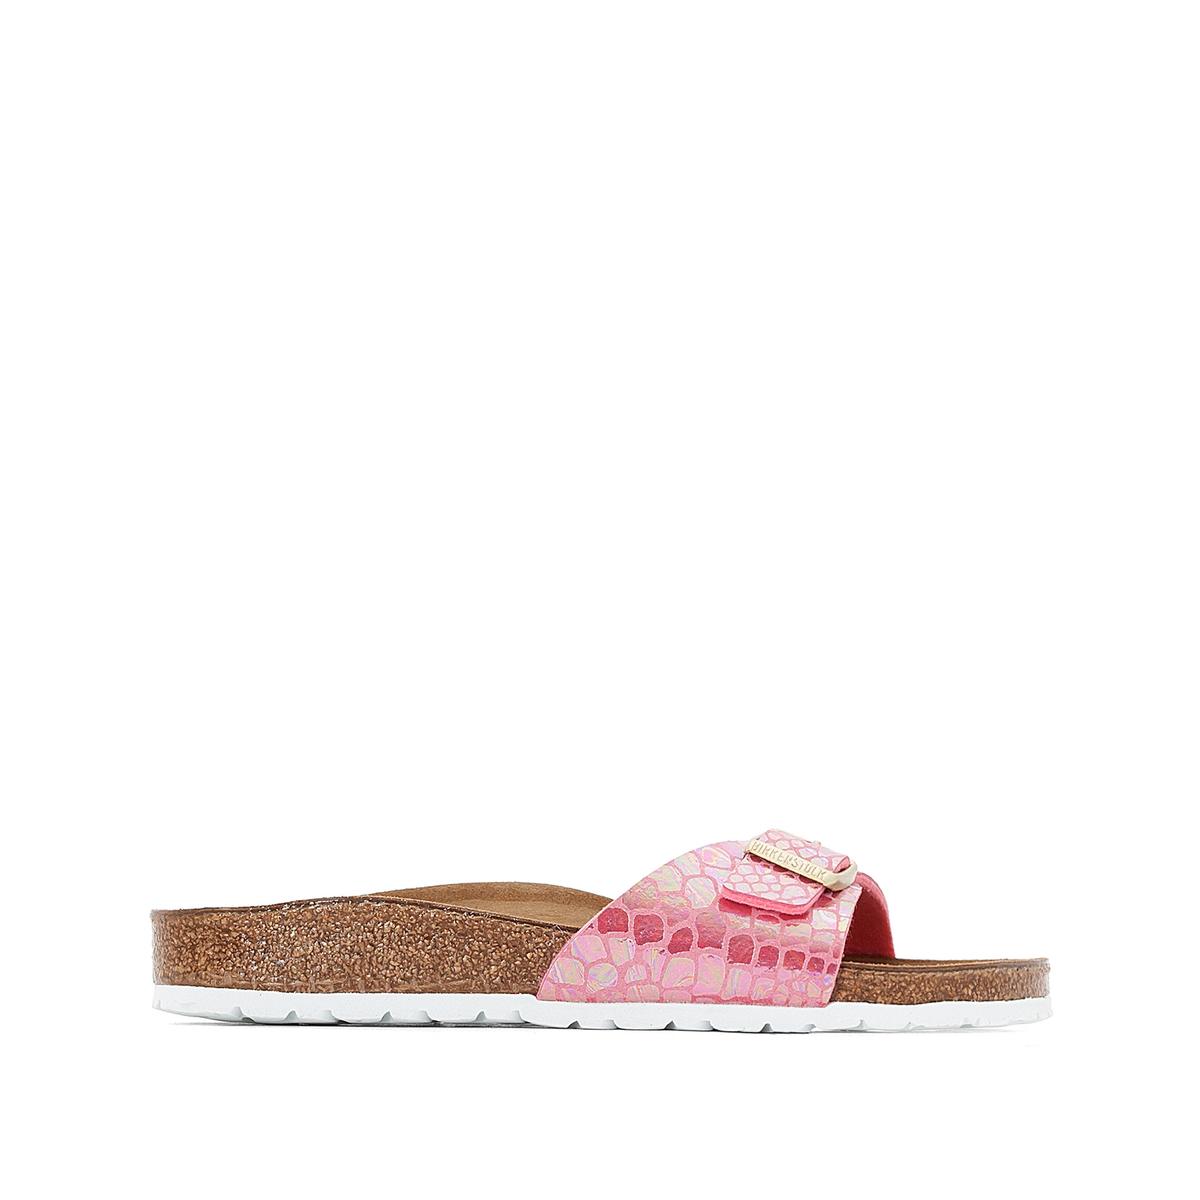 Туфли без задника с рисунком под кожу змеи MADRIDВерх : синтетический материал (Birko-Flor)                 Подкладка : фетр               Стелька : велюровая кожа               Подошва : ЭВА               Застежка : без застежки<br><br>Цвет: наб. рисунок/ розовый